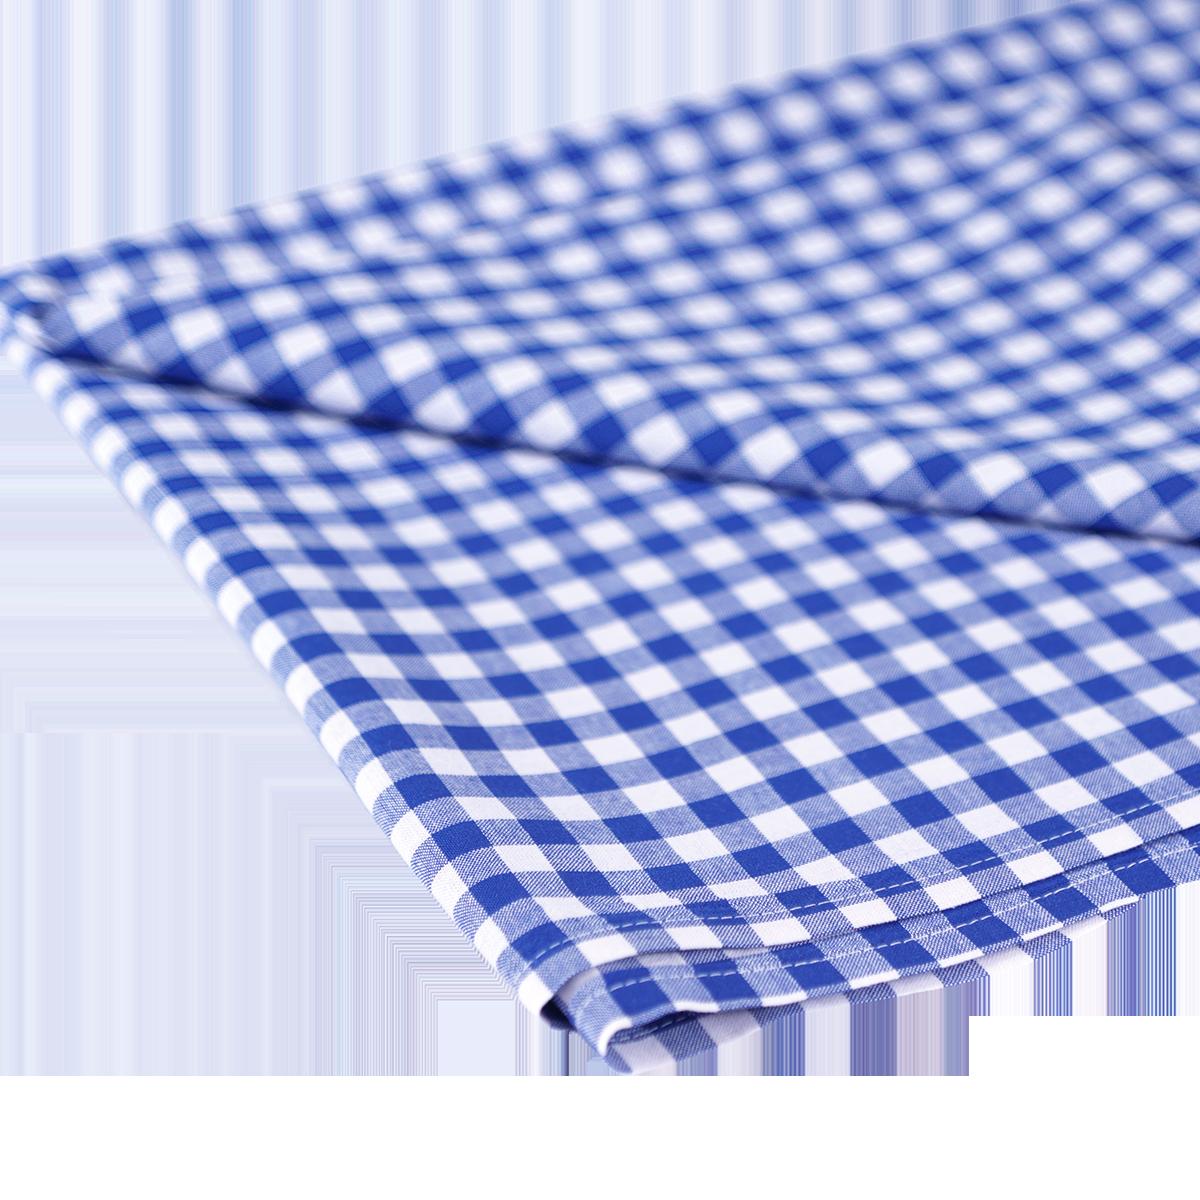 Tischdecke karriert 1 x 1, blau - weiß, 1.30 x 2.80 m